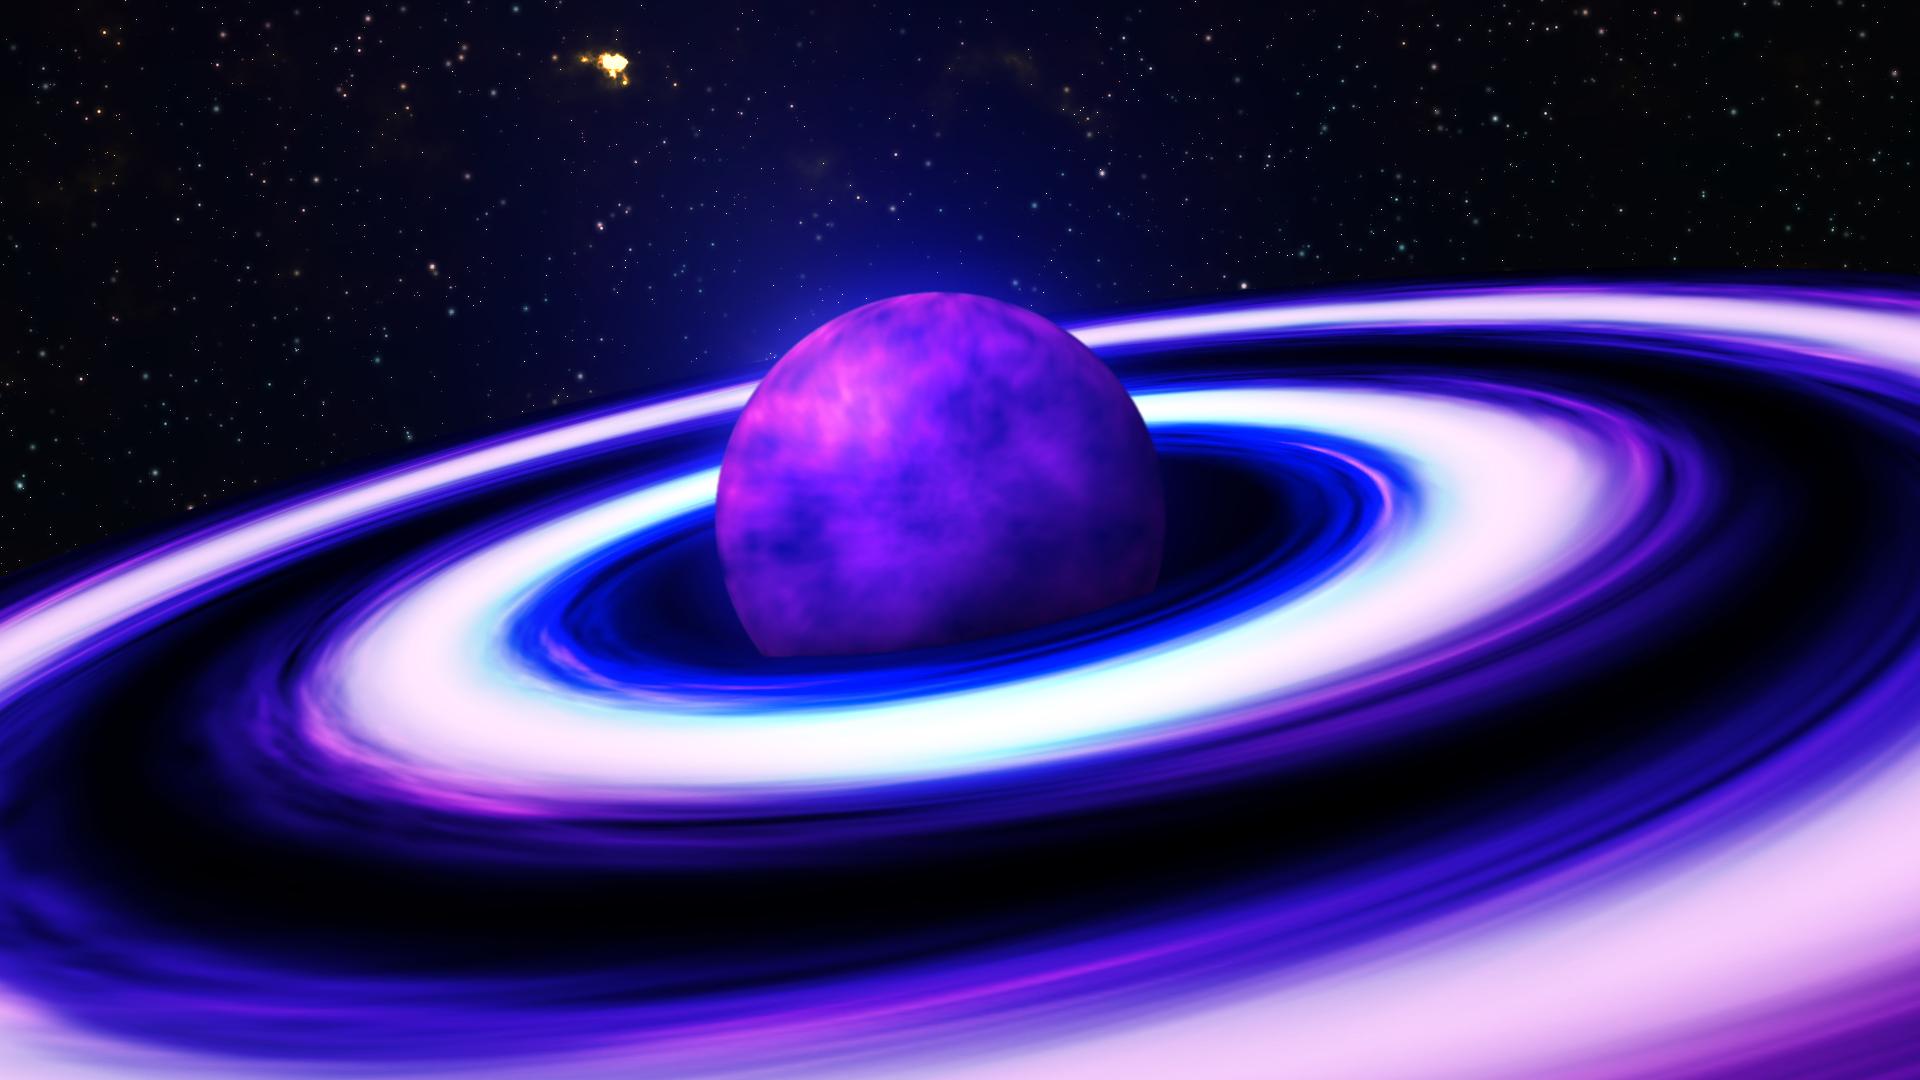 Planet Rings Purple by RAMDESIGNS on DeviantArt